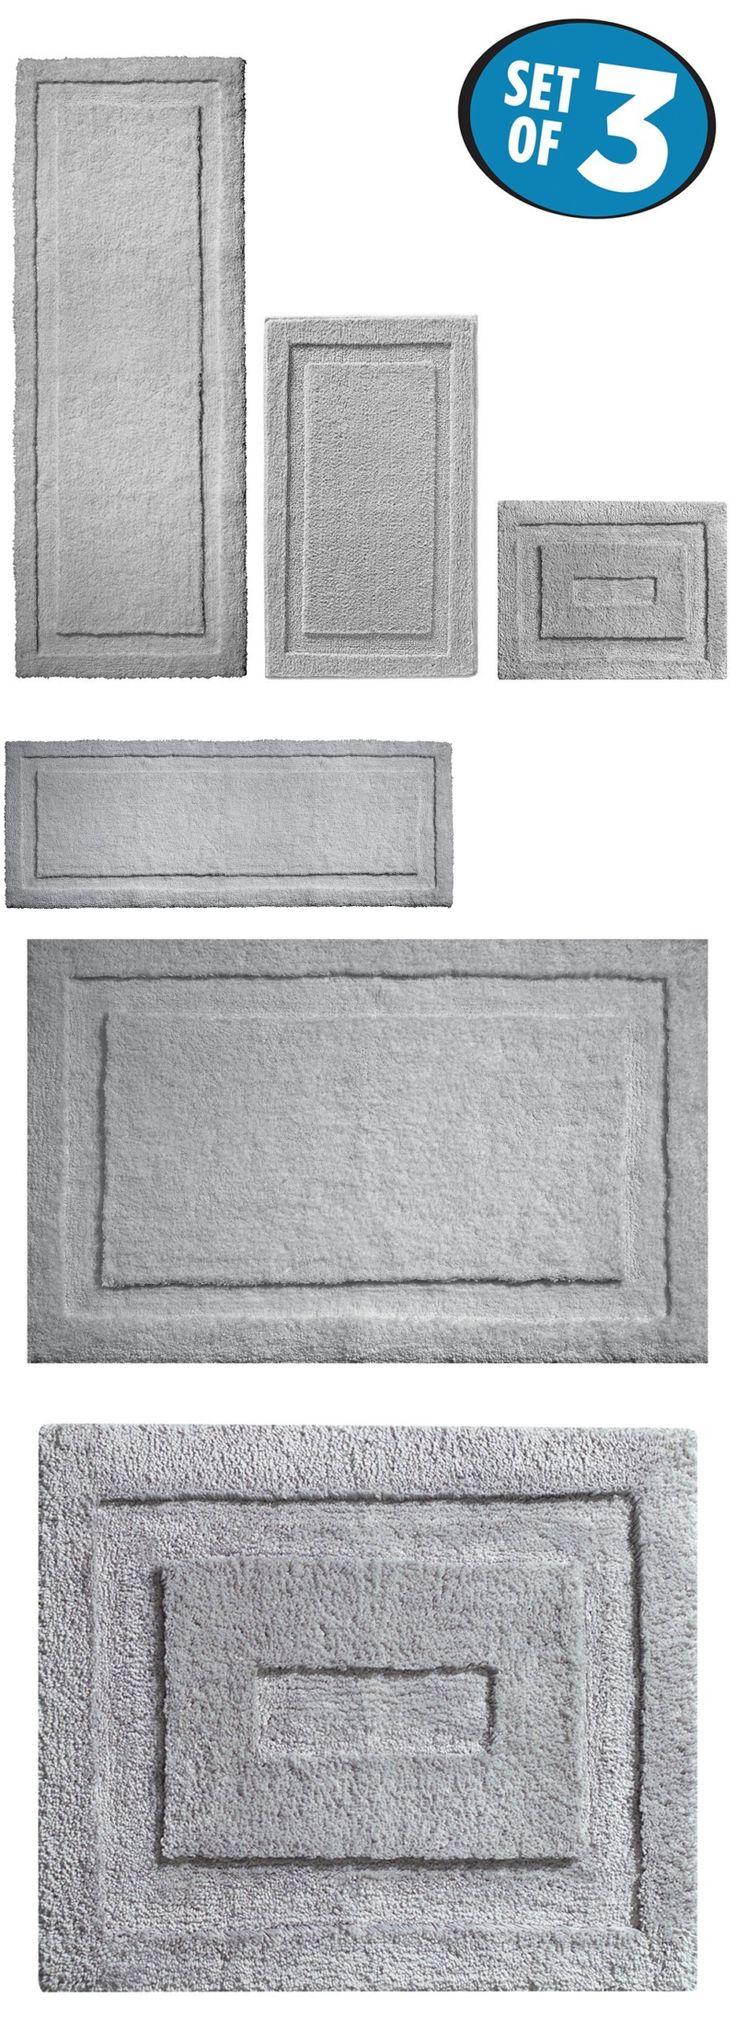 best 25 non slip shower mat ideas only on pinterest dorm bathmats rugs and toilet covers 133696 soft microfiber non slip bathroom mat rug vanity bathtub